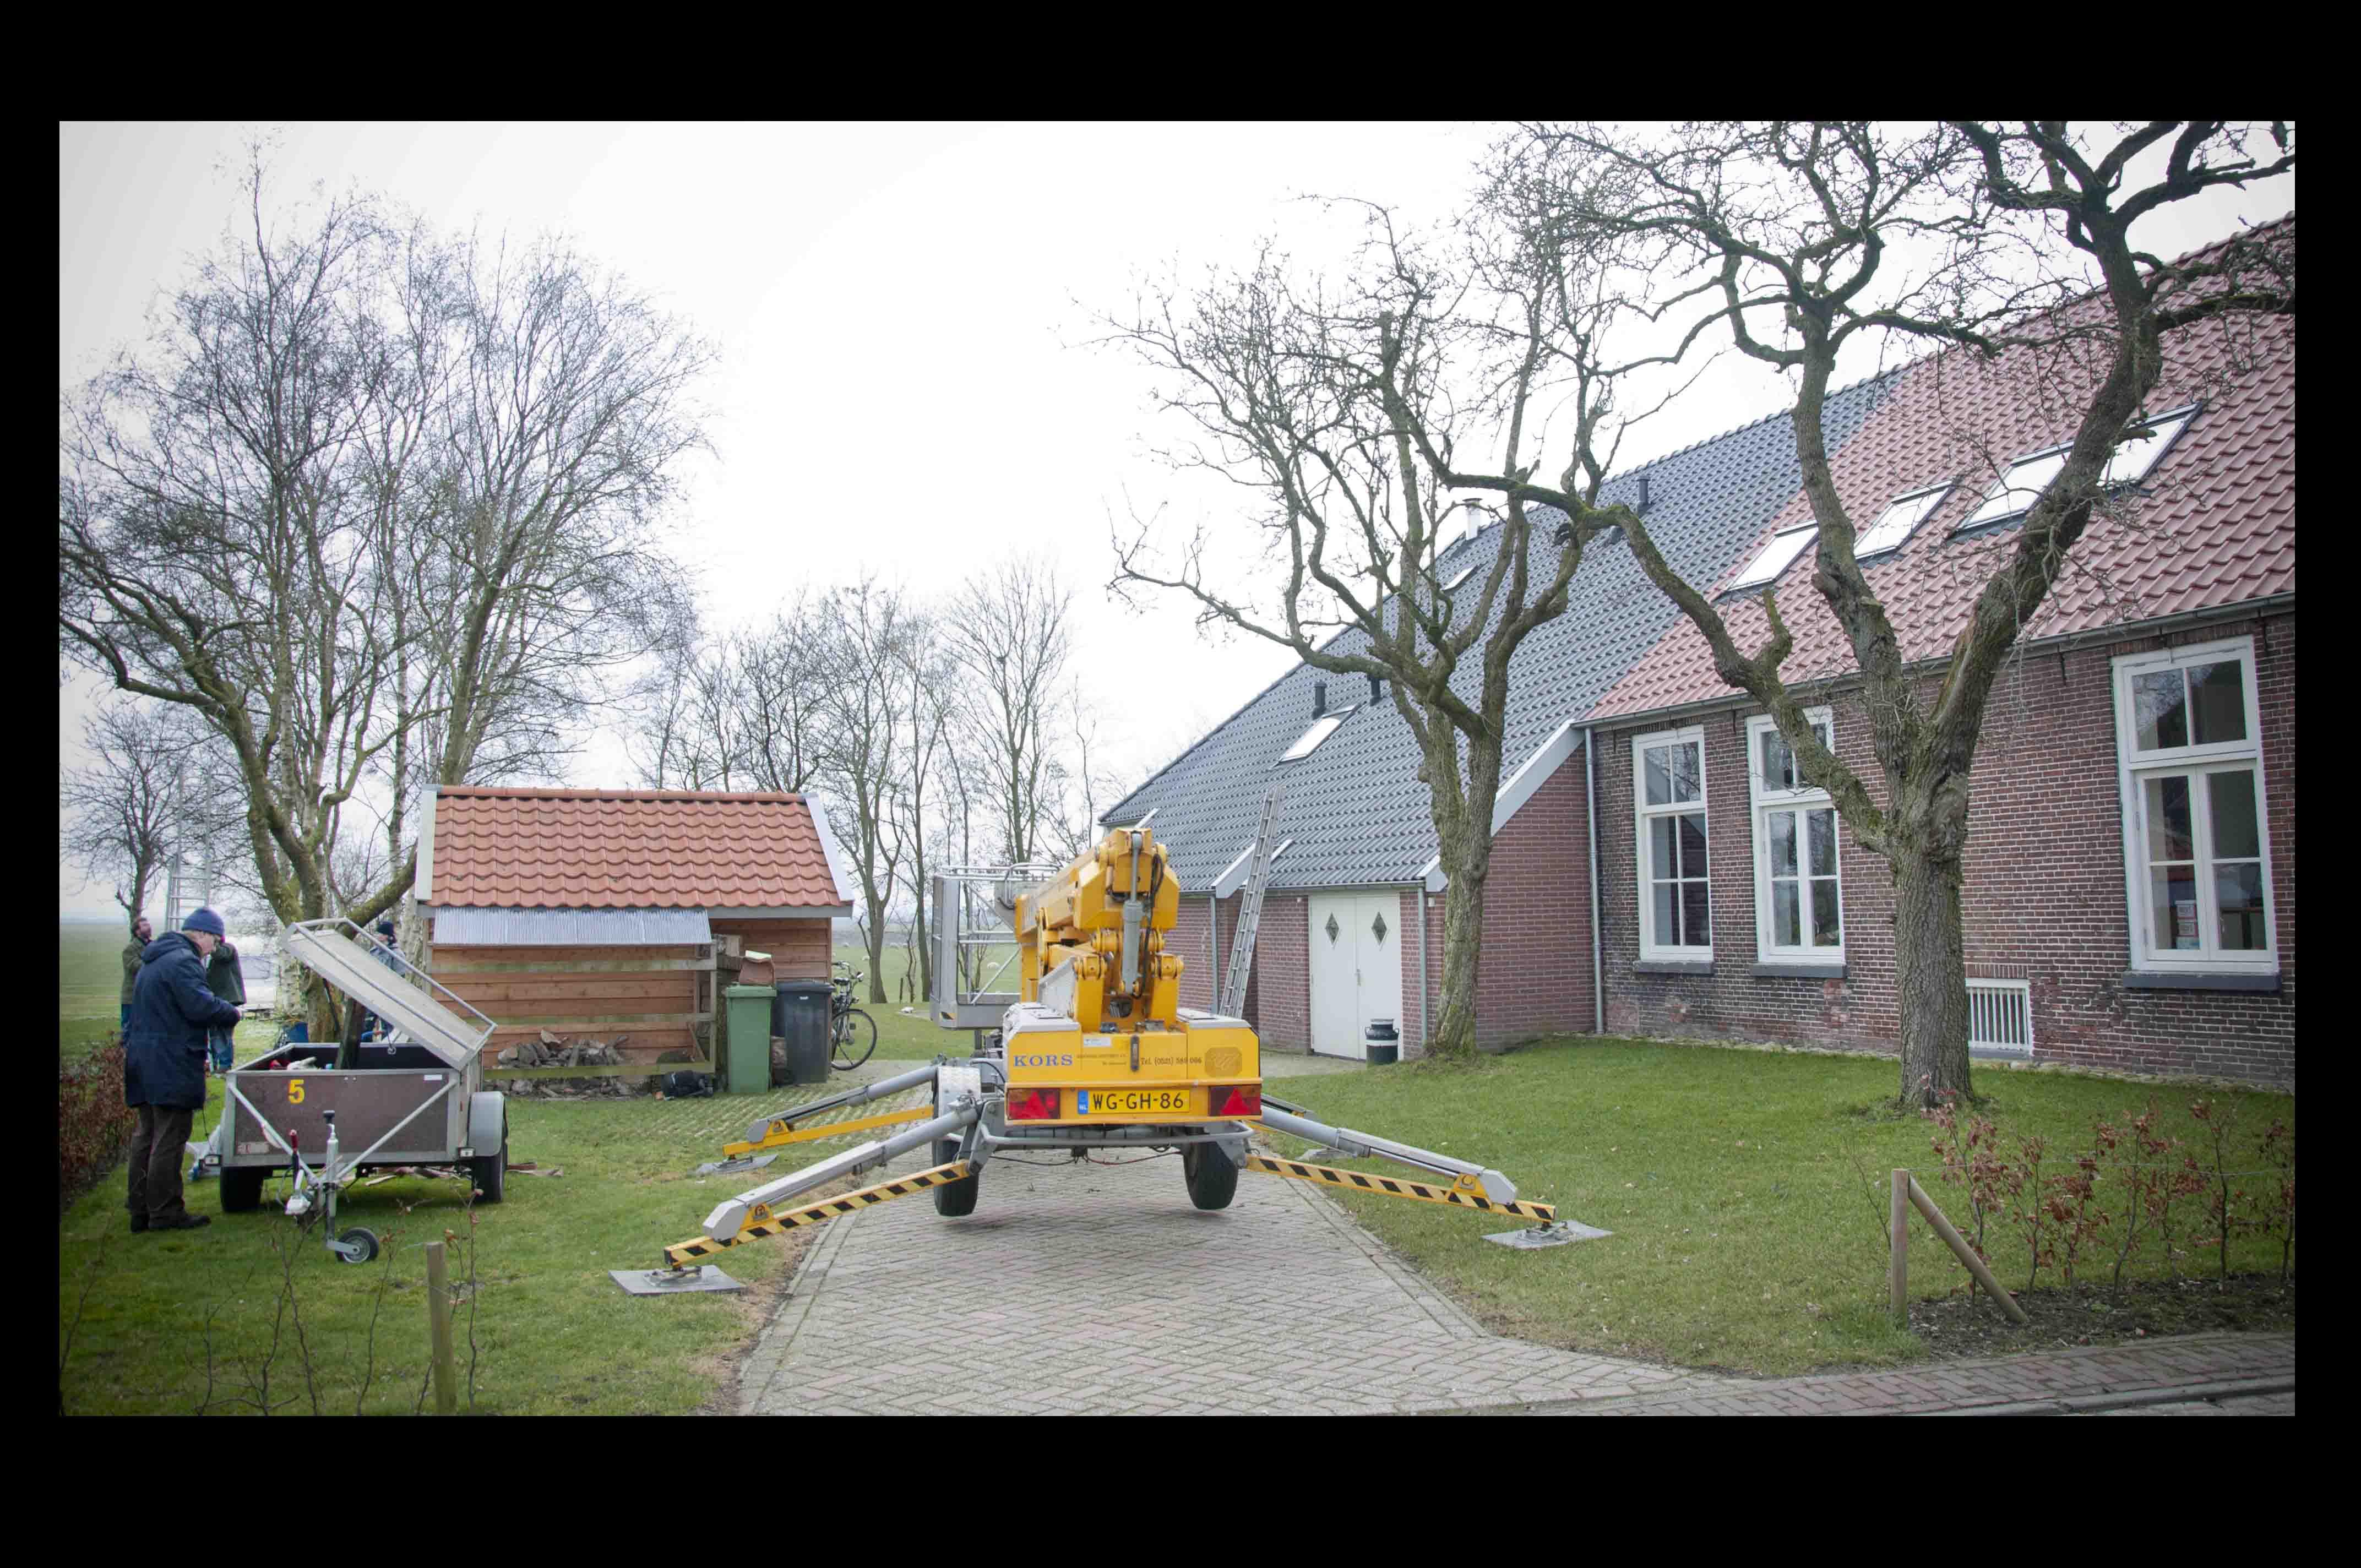 2011-02-19-hsb-zuidveen-2703